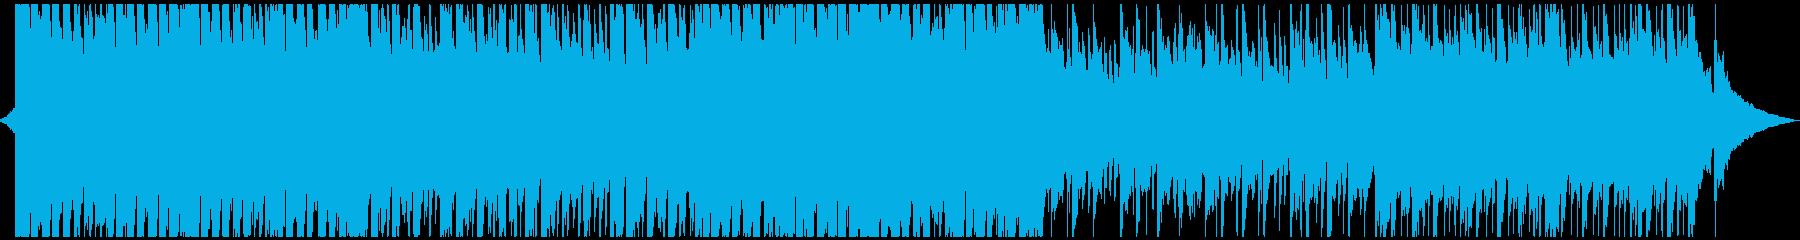 企業VPに 明るい爽やかギターMed 4の再生済みの波形